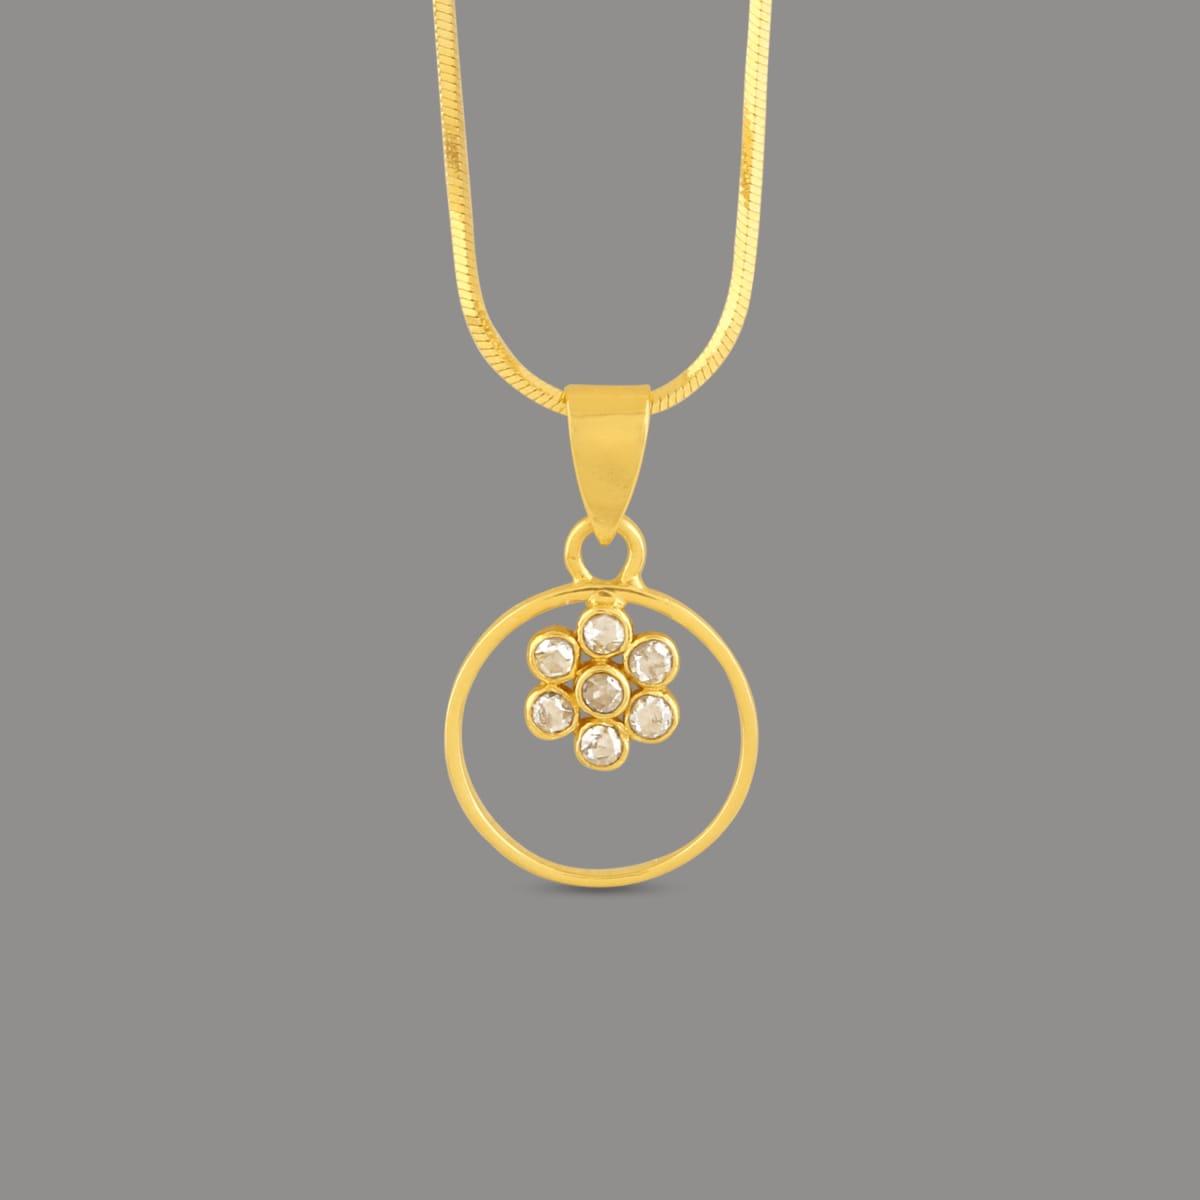 Bariki Uncut Diamond Pendant Round Circle